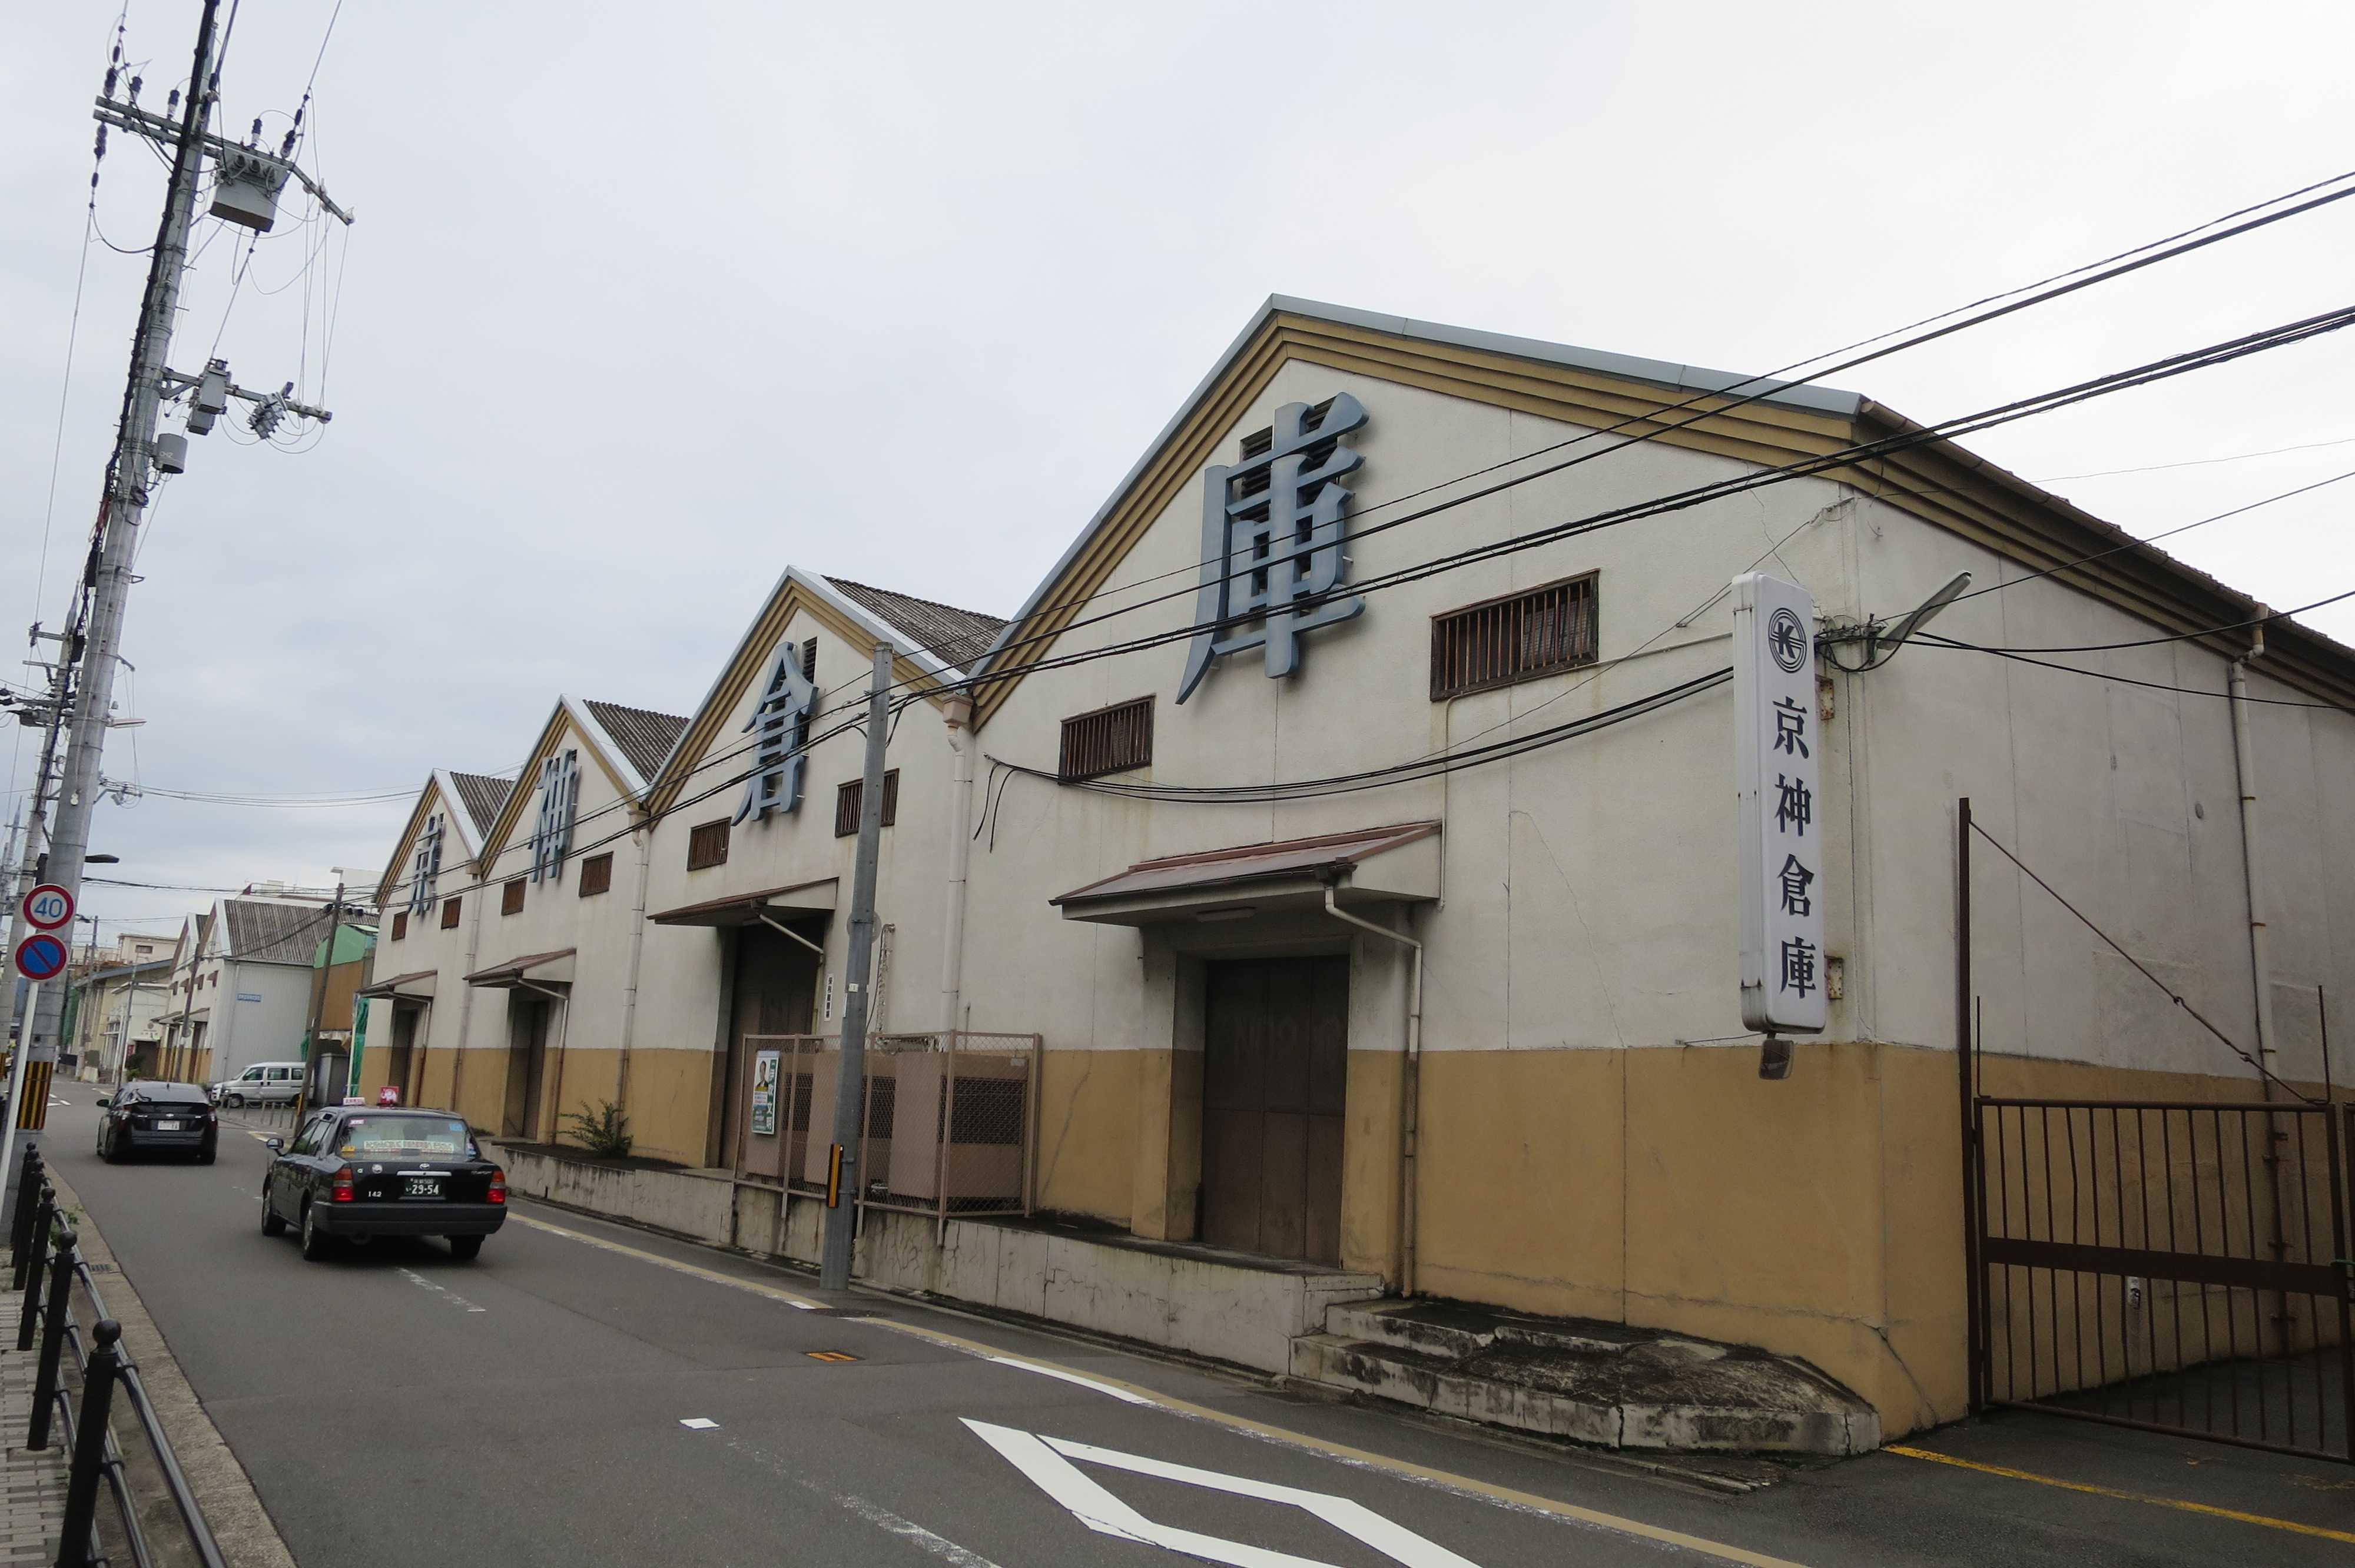 京神倉庫の倉庫群(京都市下京区和気町)